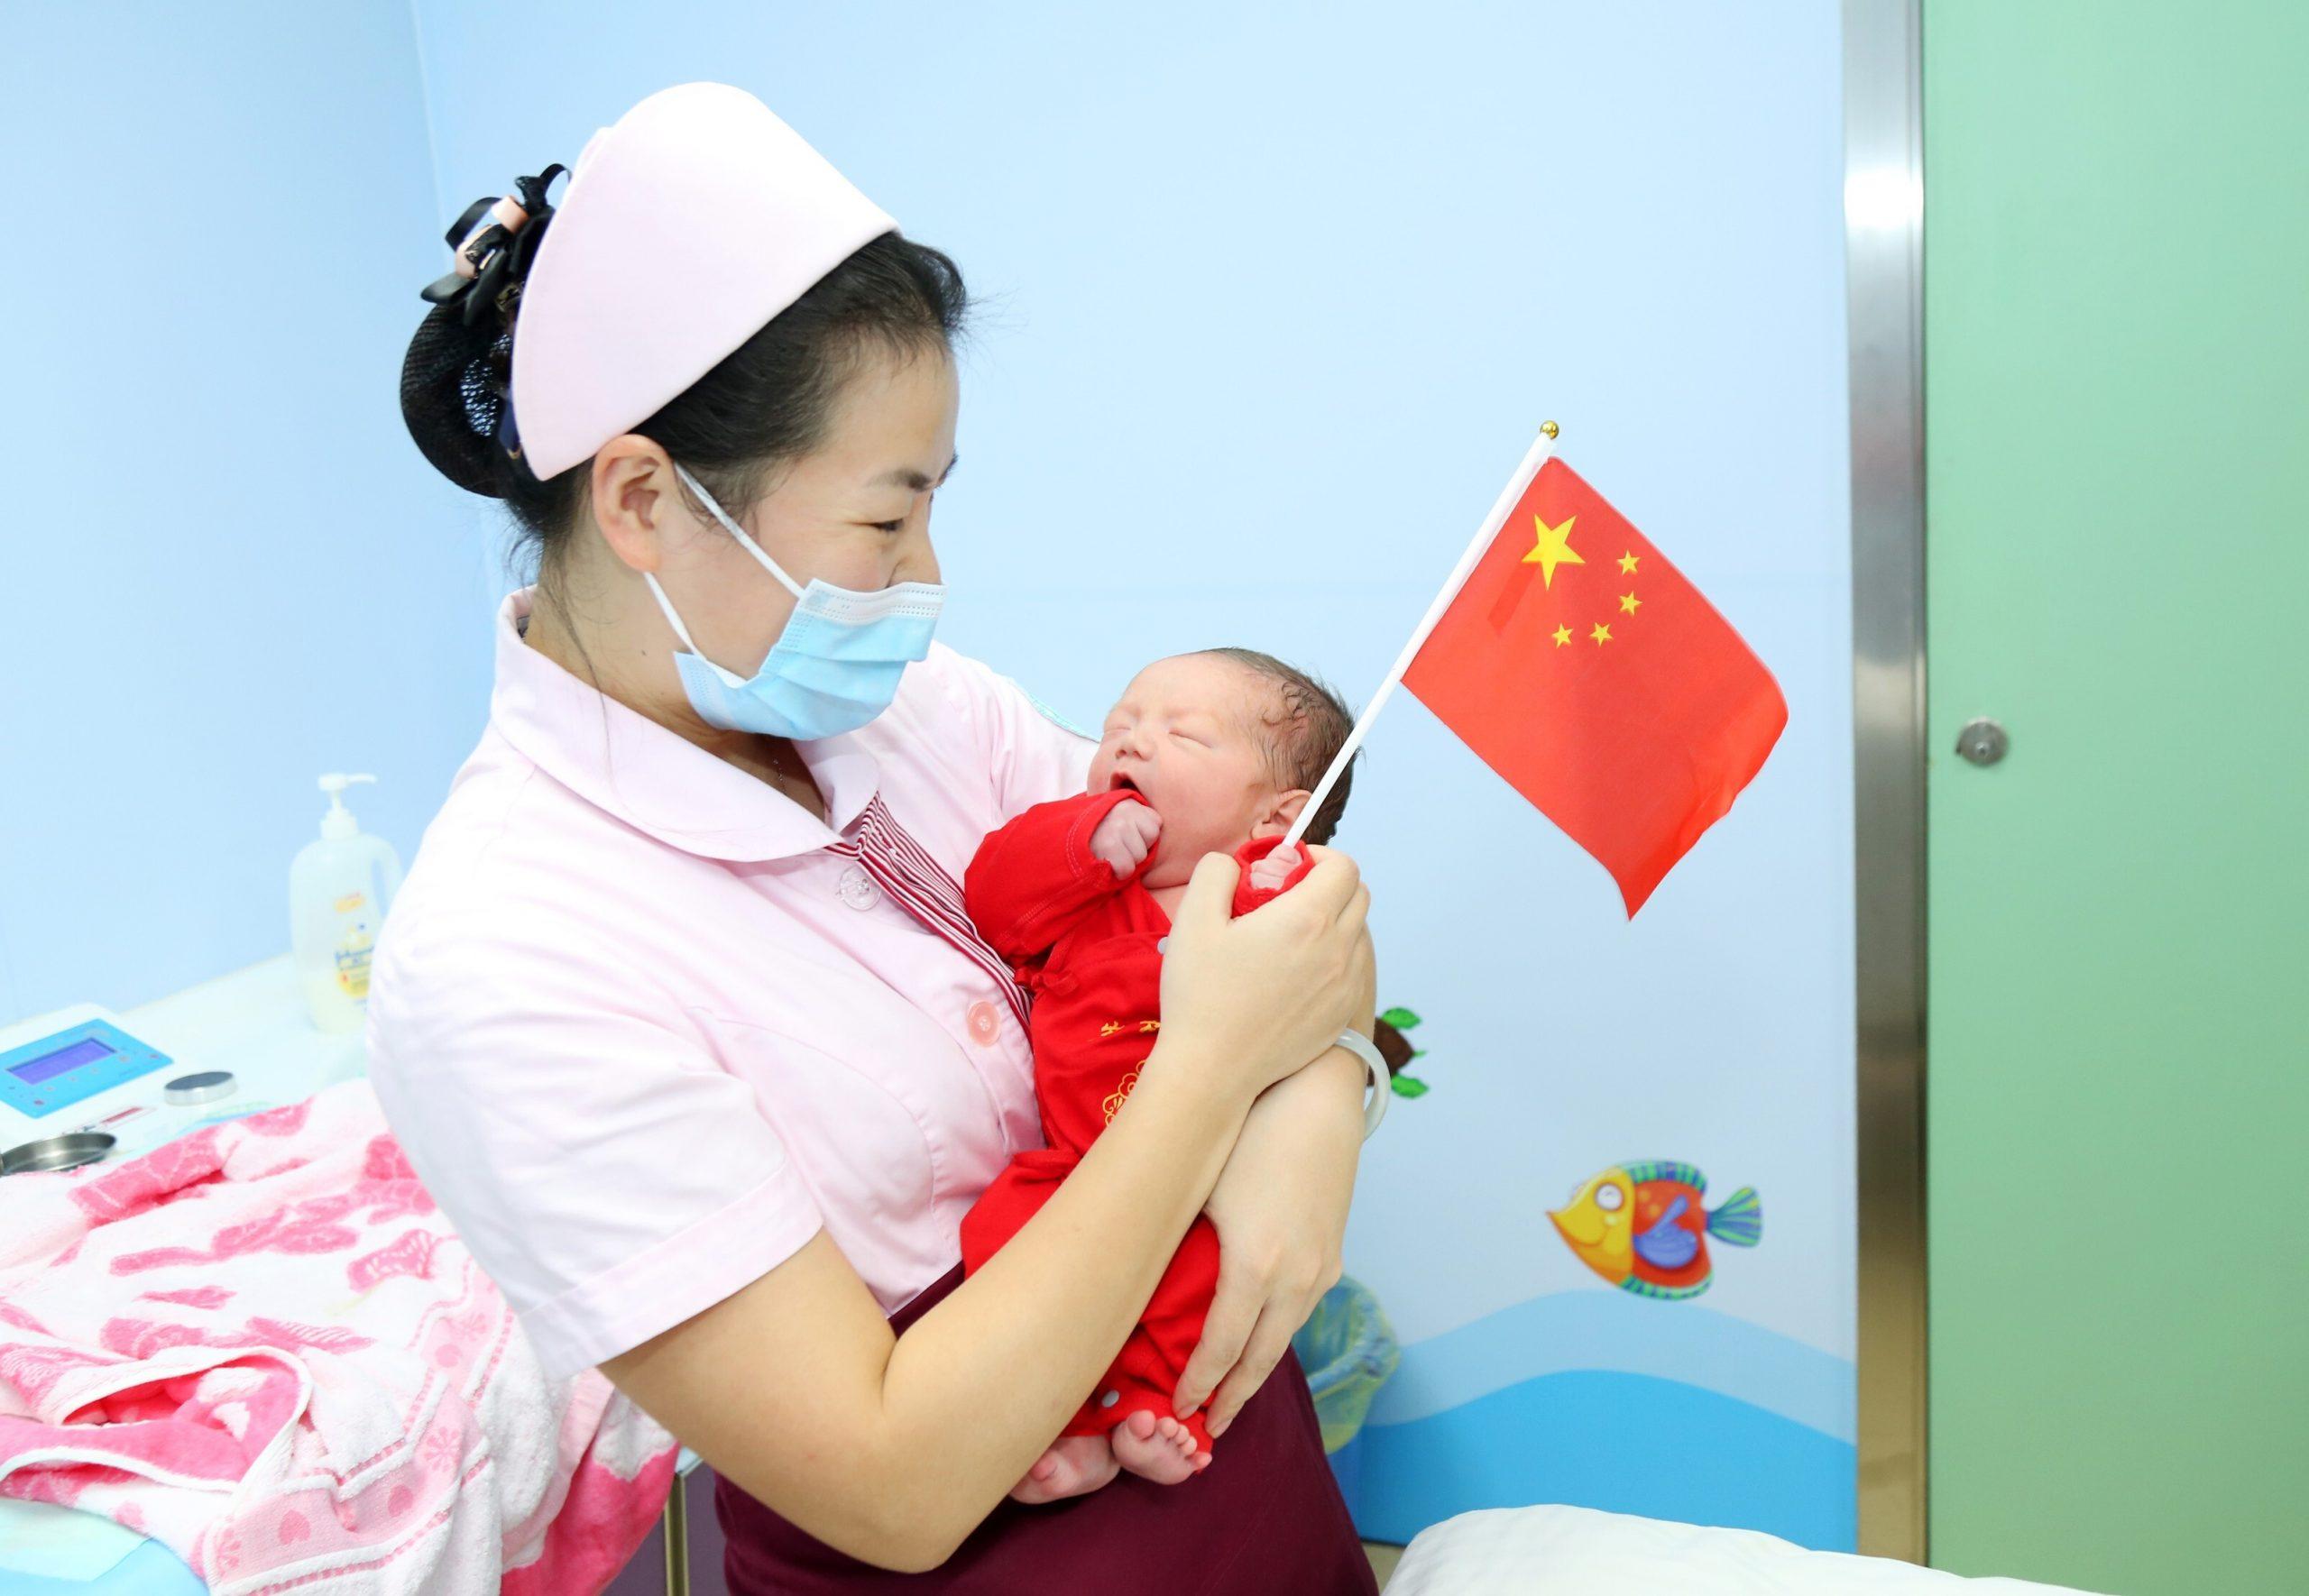 Le taux de fertilité en Chine est à son plus bas historique. La fin de la politique de l'enfant unique en 2015 n'a pas permis de provoquer un boom des naissances. (Source : SCMP)